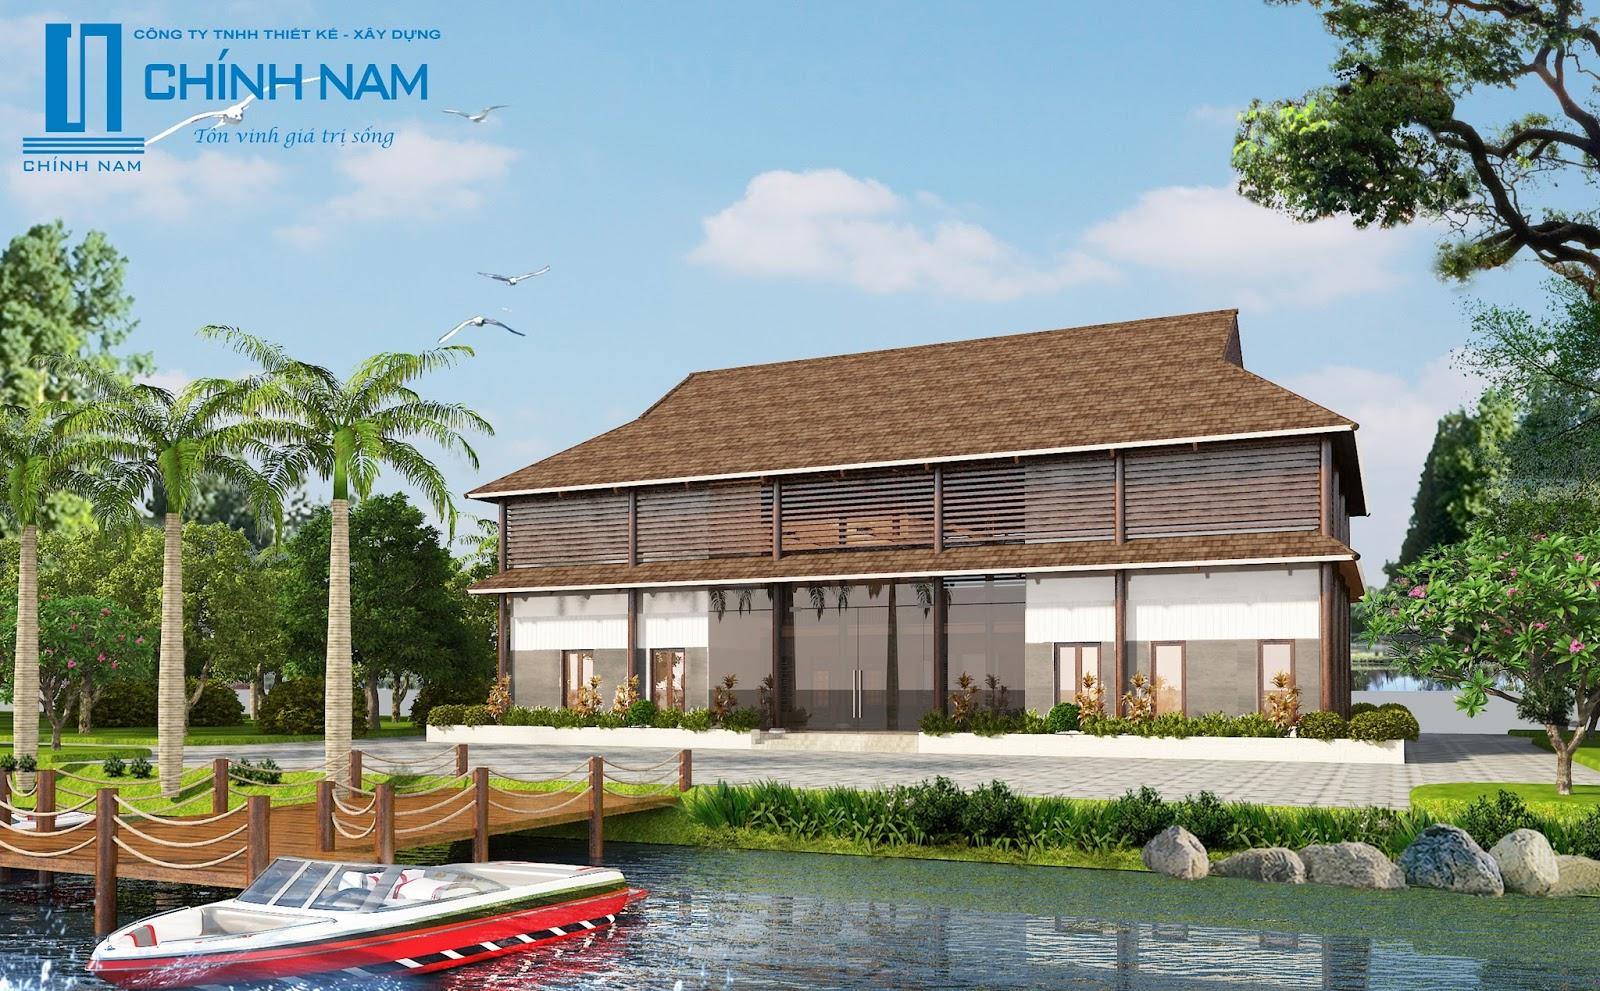 Biệt thự đảo đẹp mê mẫn ở Biên Hòa - Đồng Nai